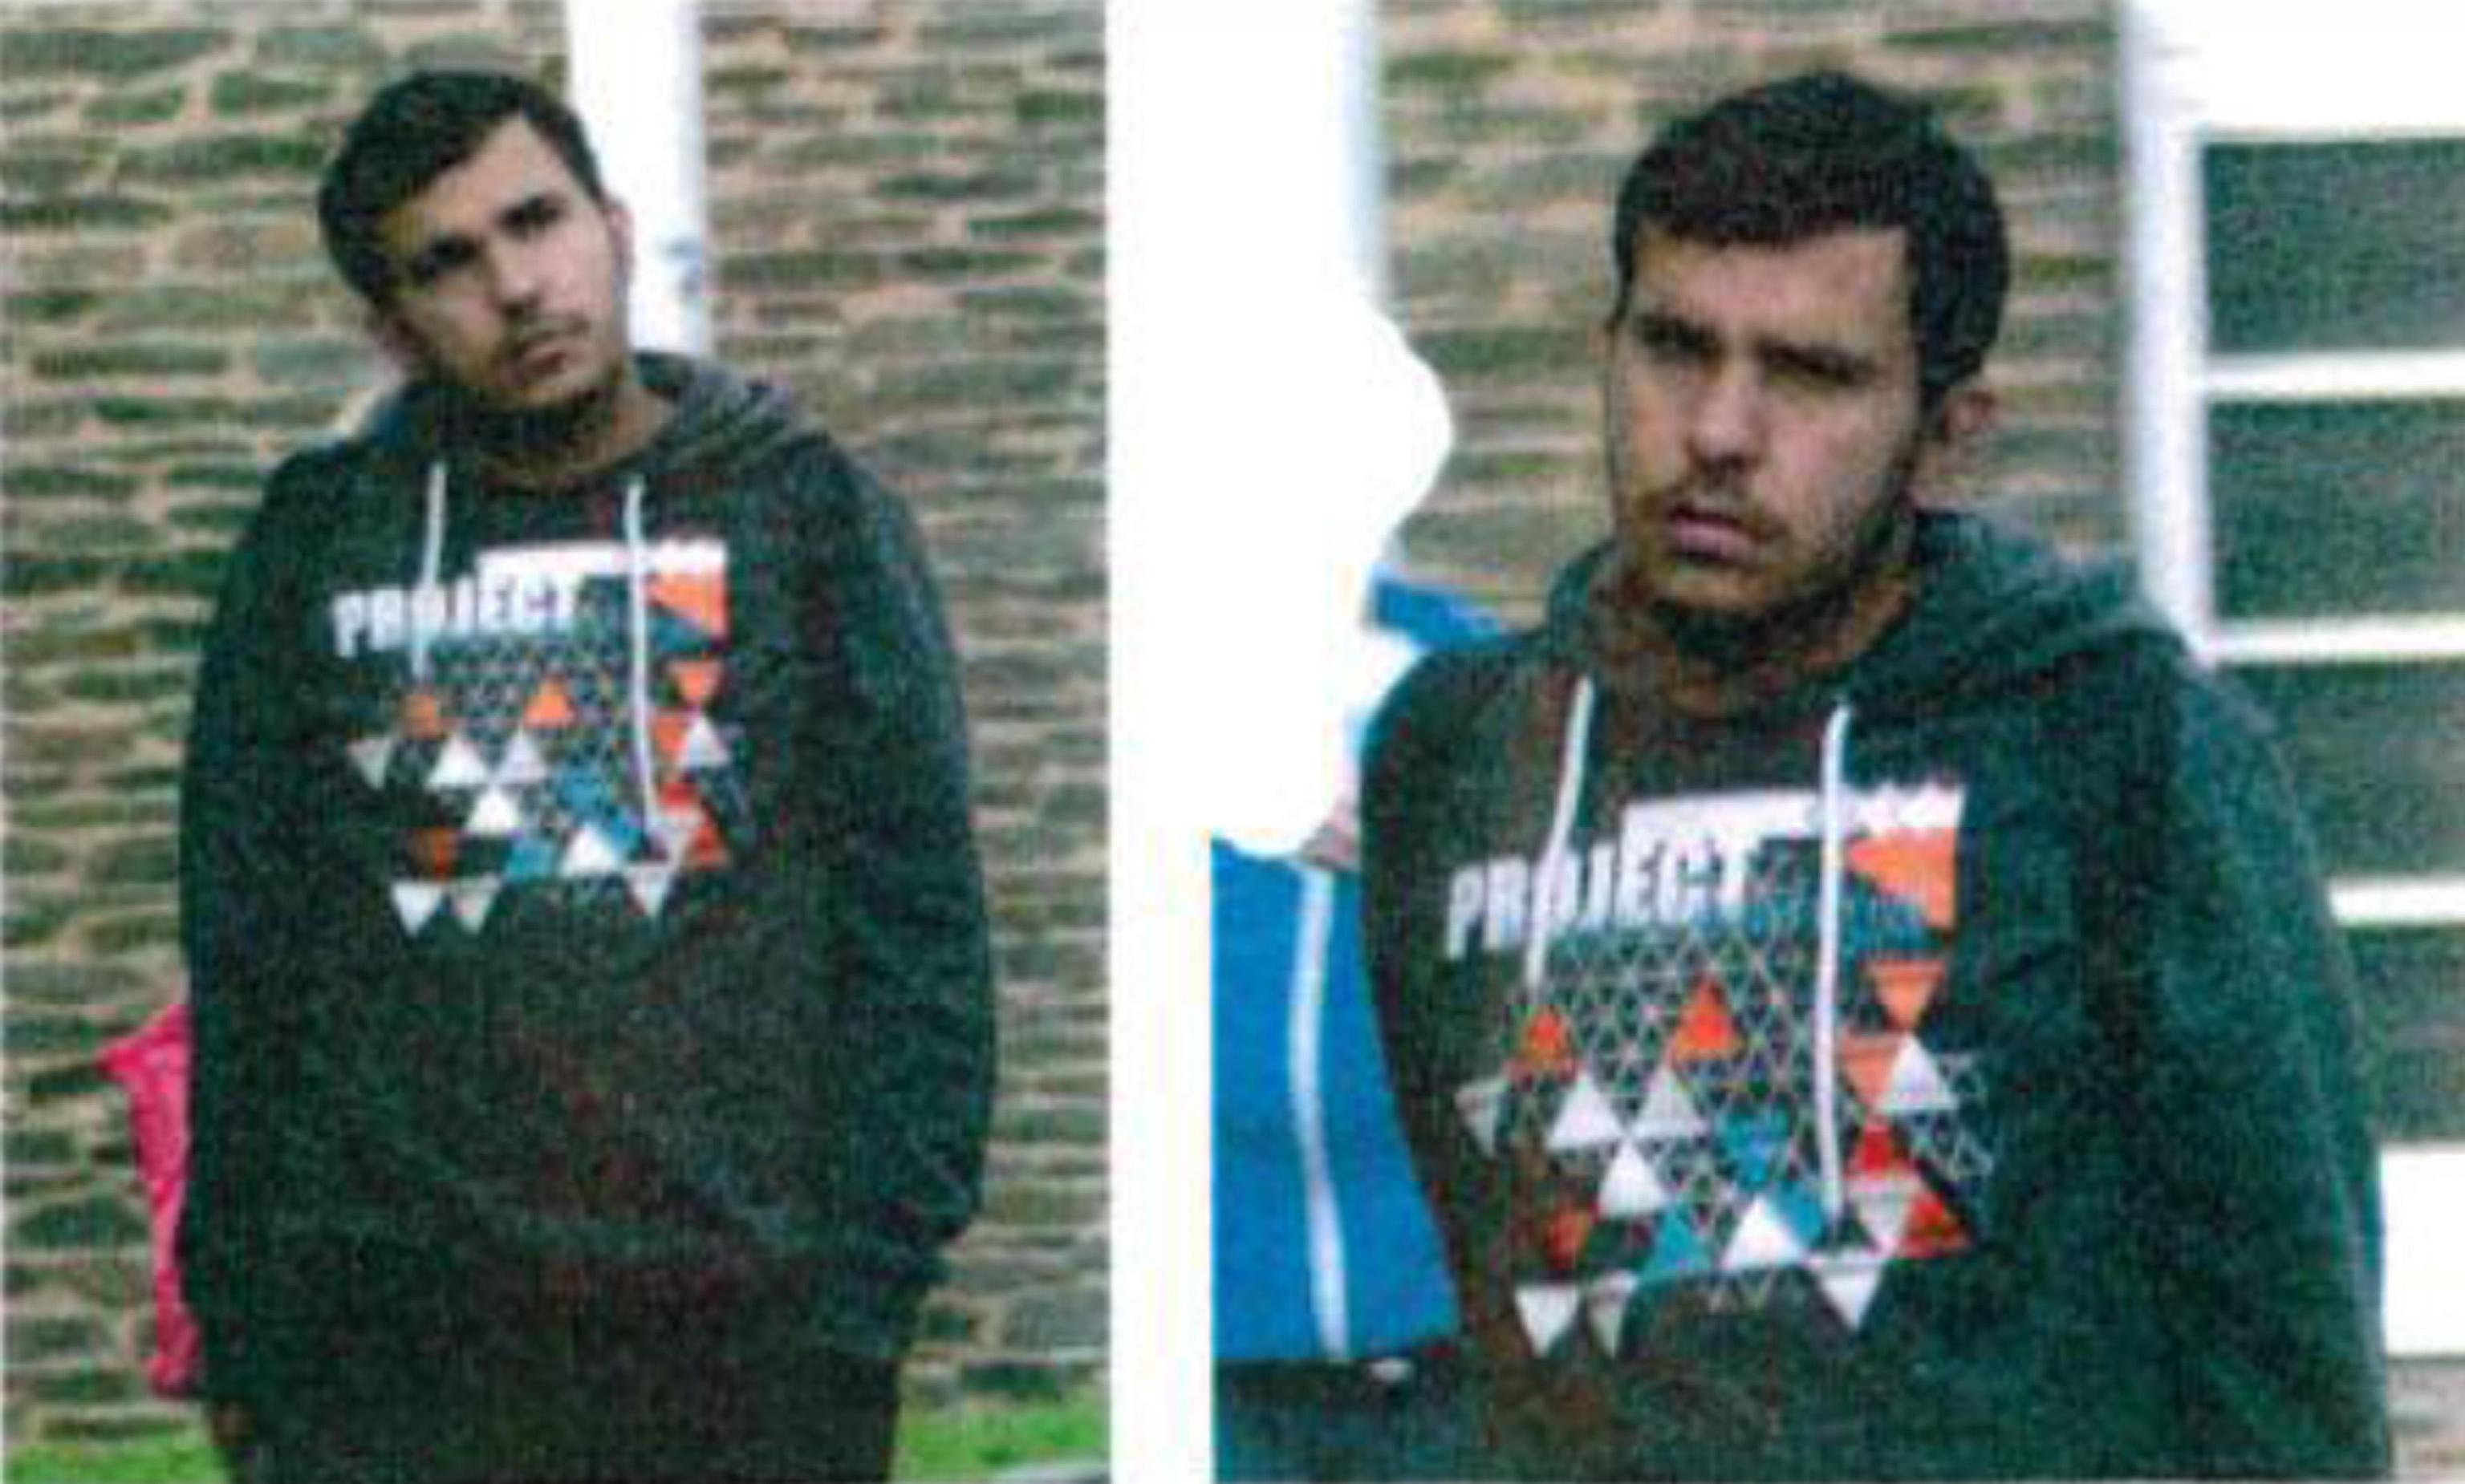 Arrestato il terrorista siriano: era arrivato in Germania come profugo